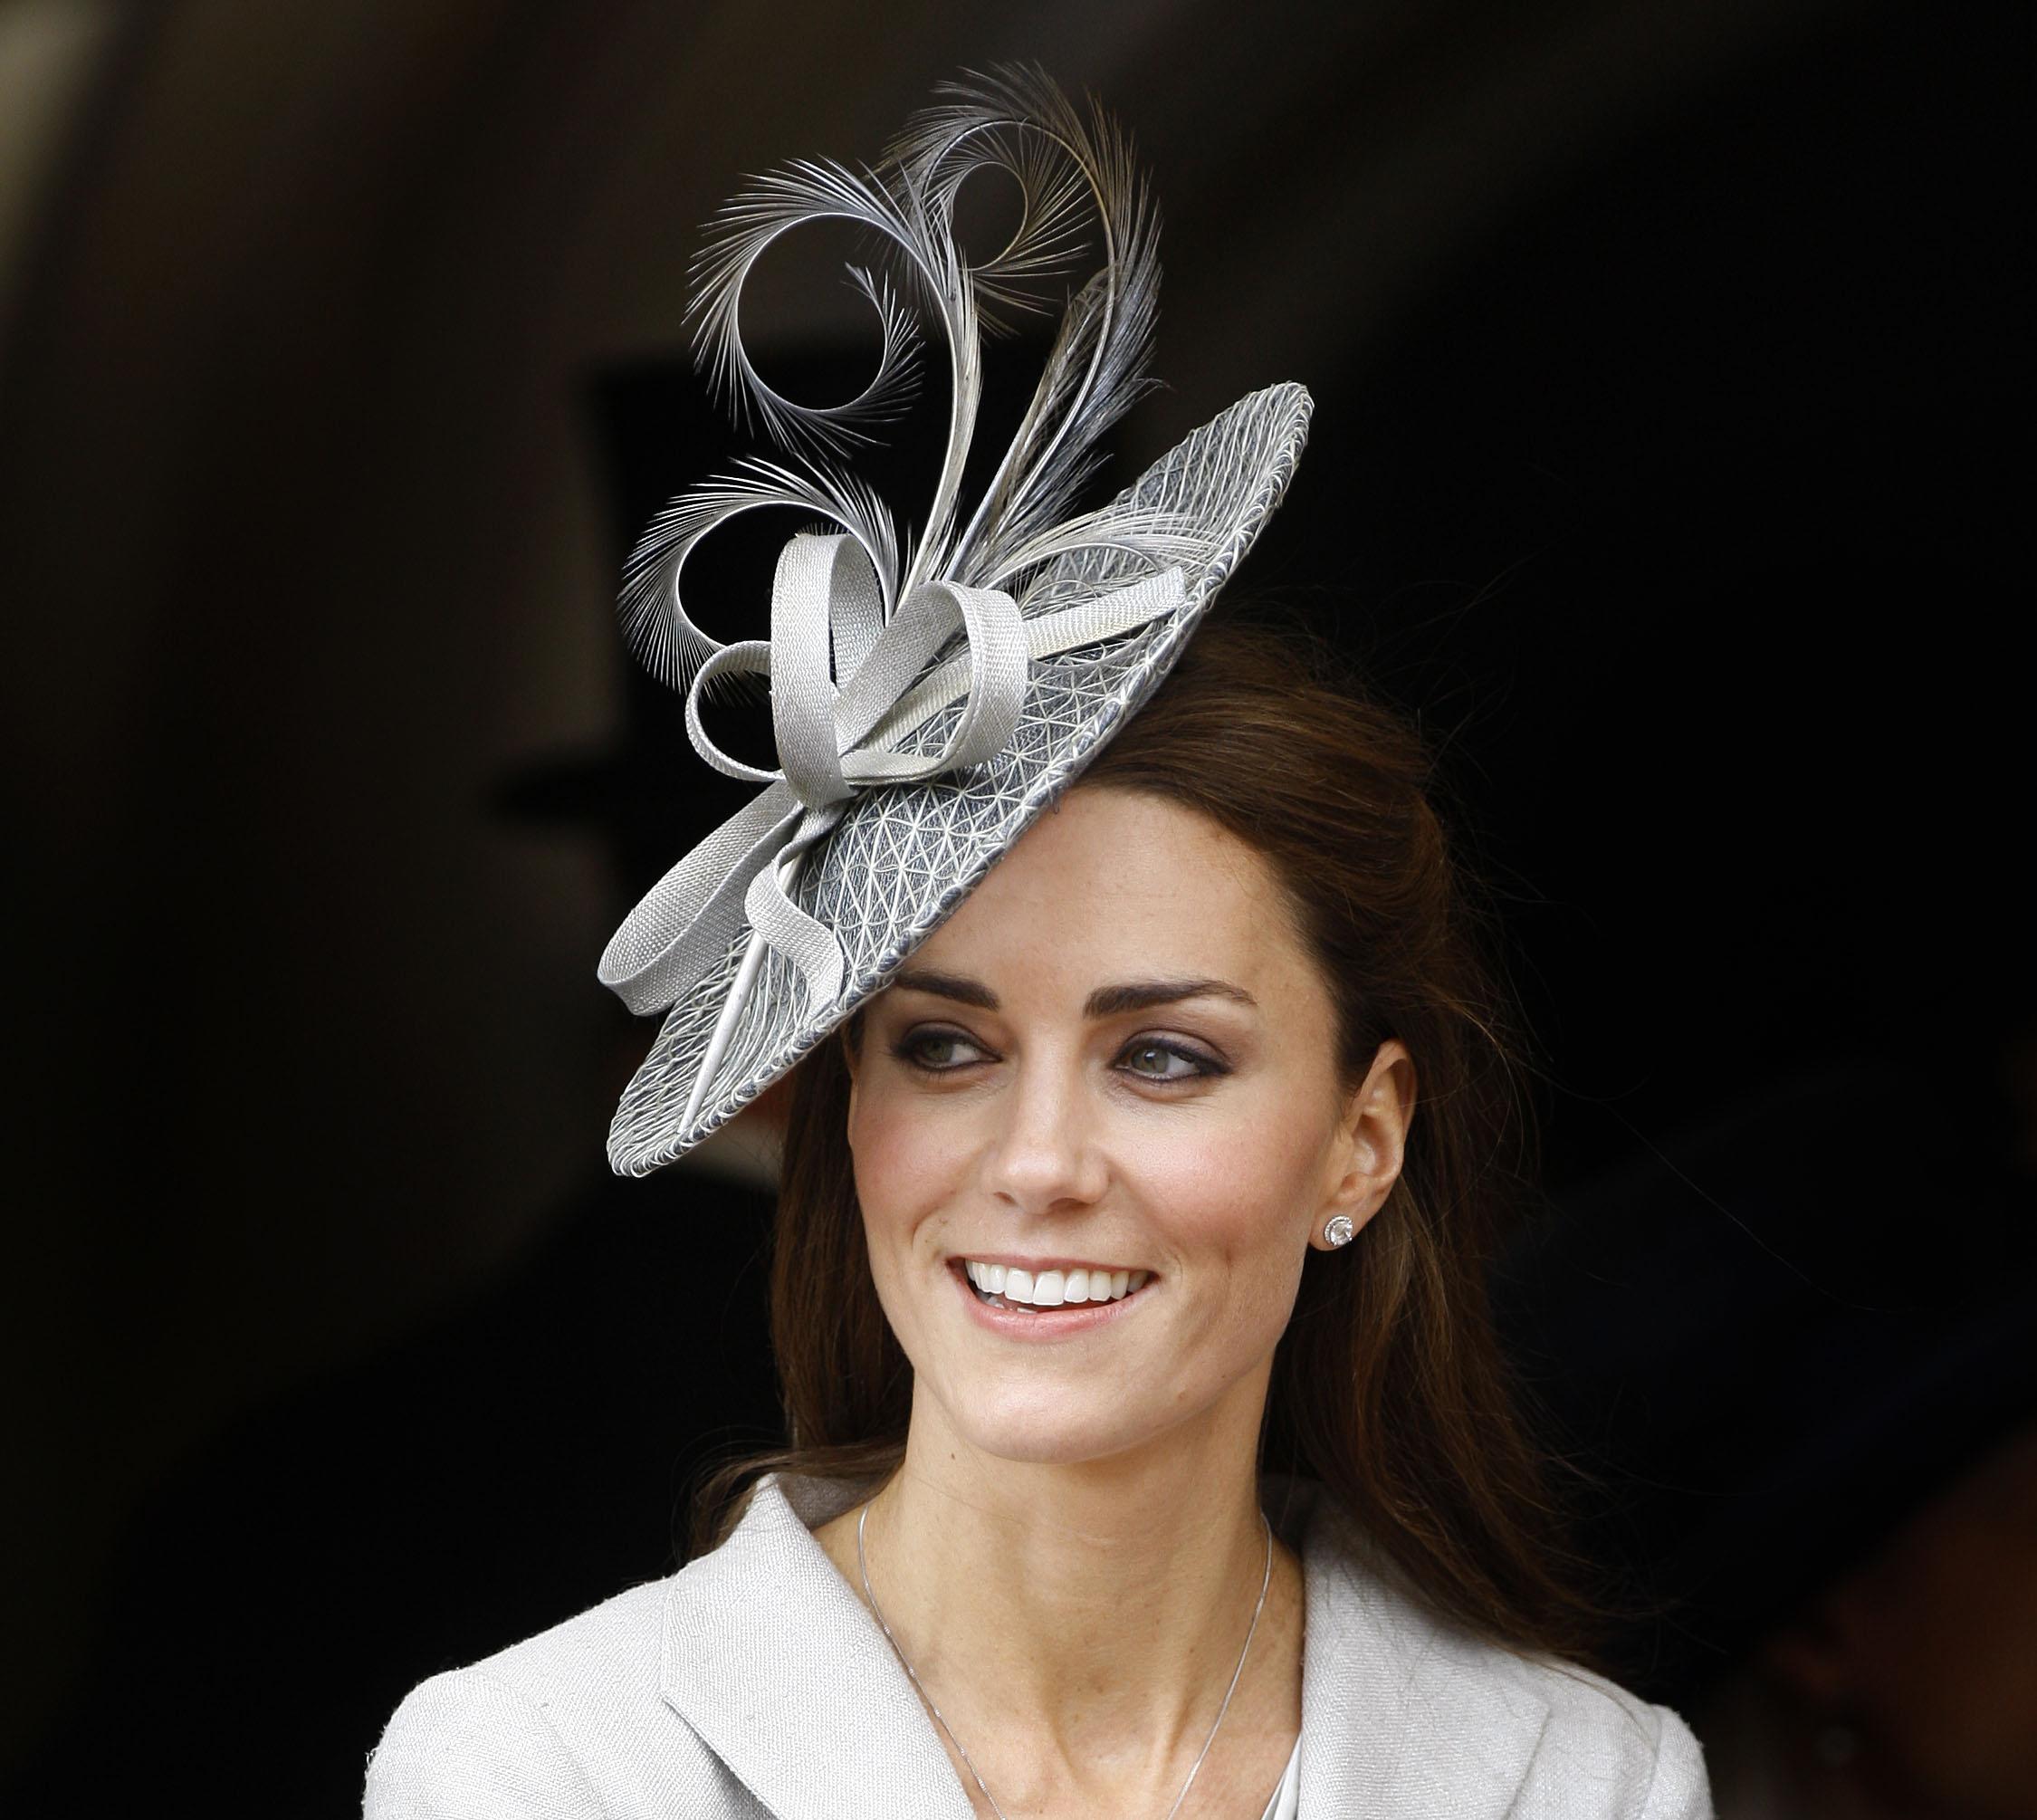 Кейт Миддлтон в шляпке